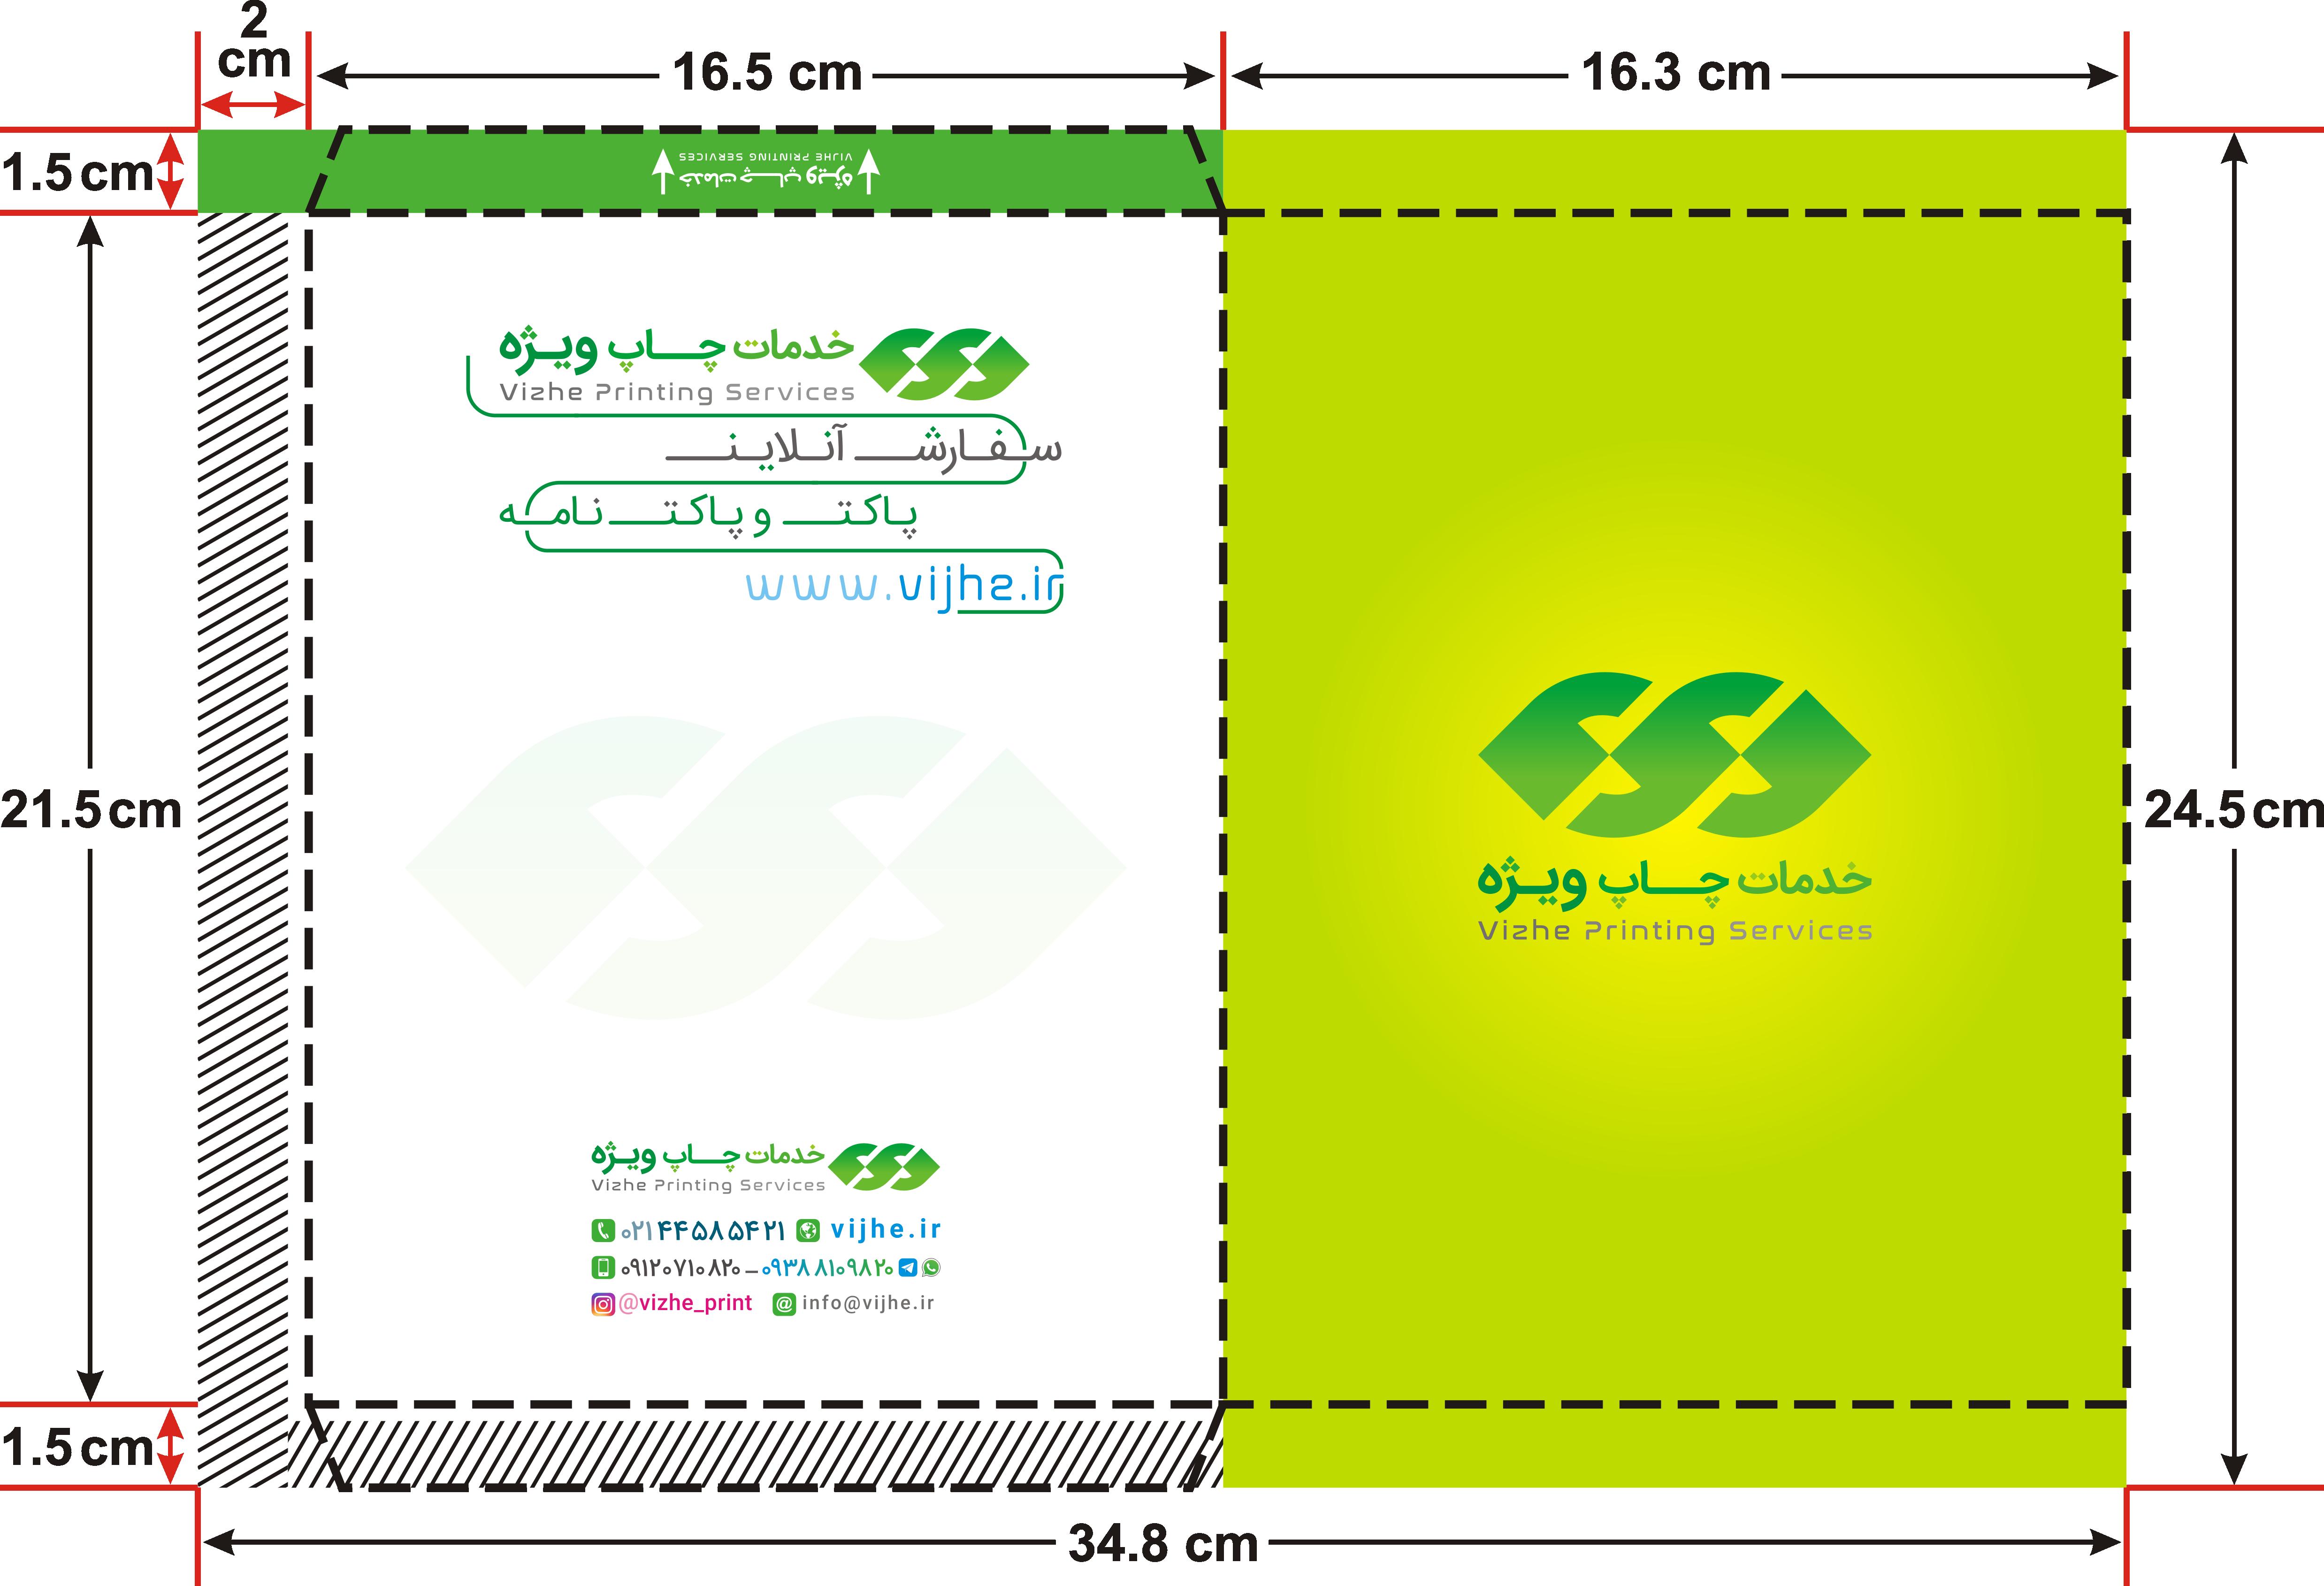 راهنمای طراحی پاکت A5 کارتی 140 گرم درب روی عرض چاپ ویژه